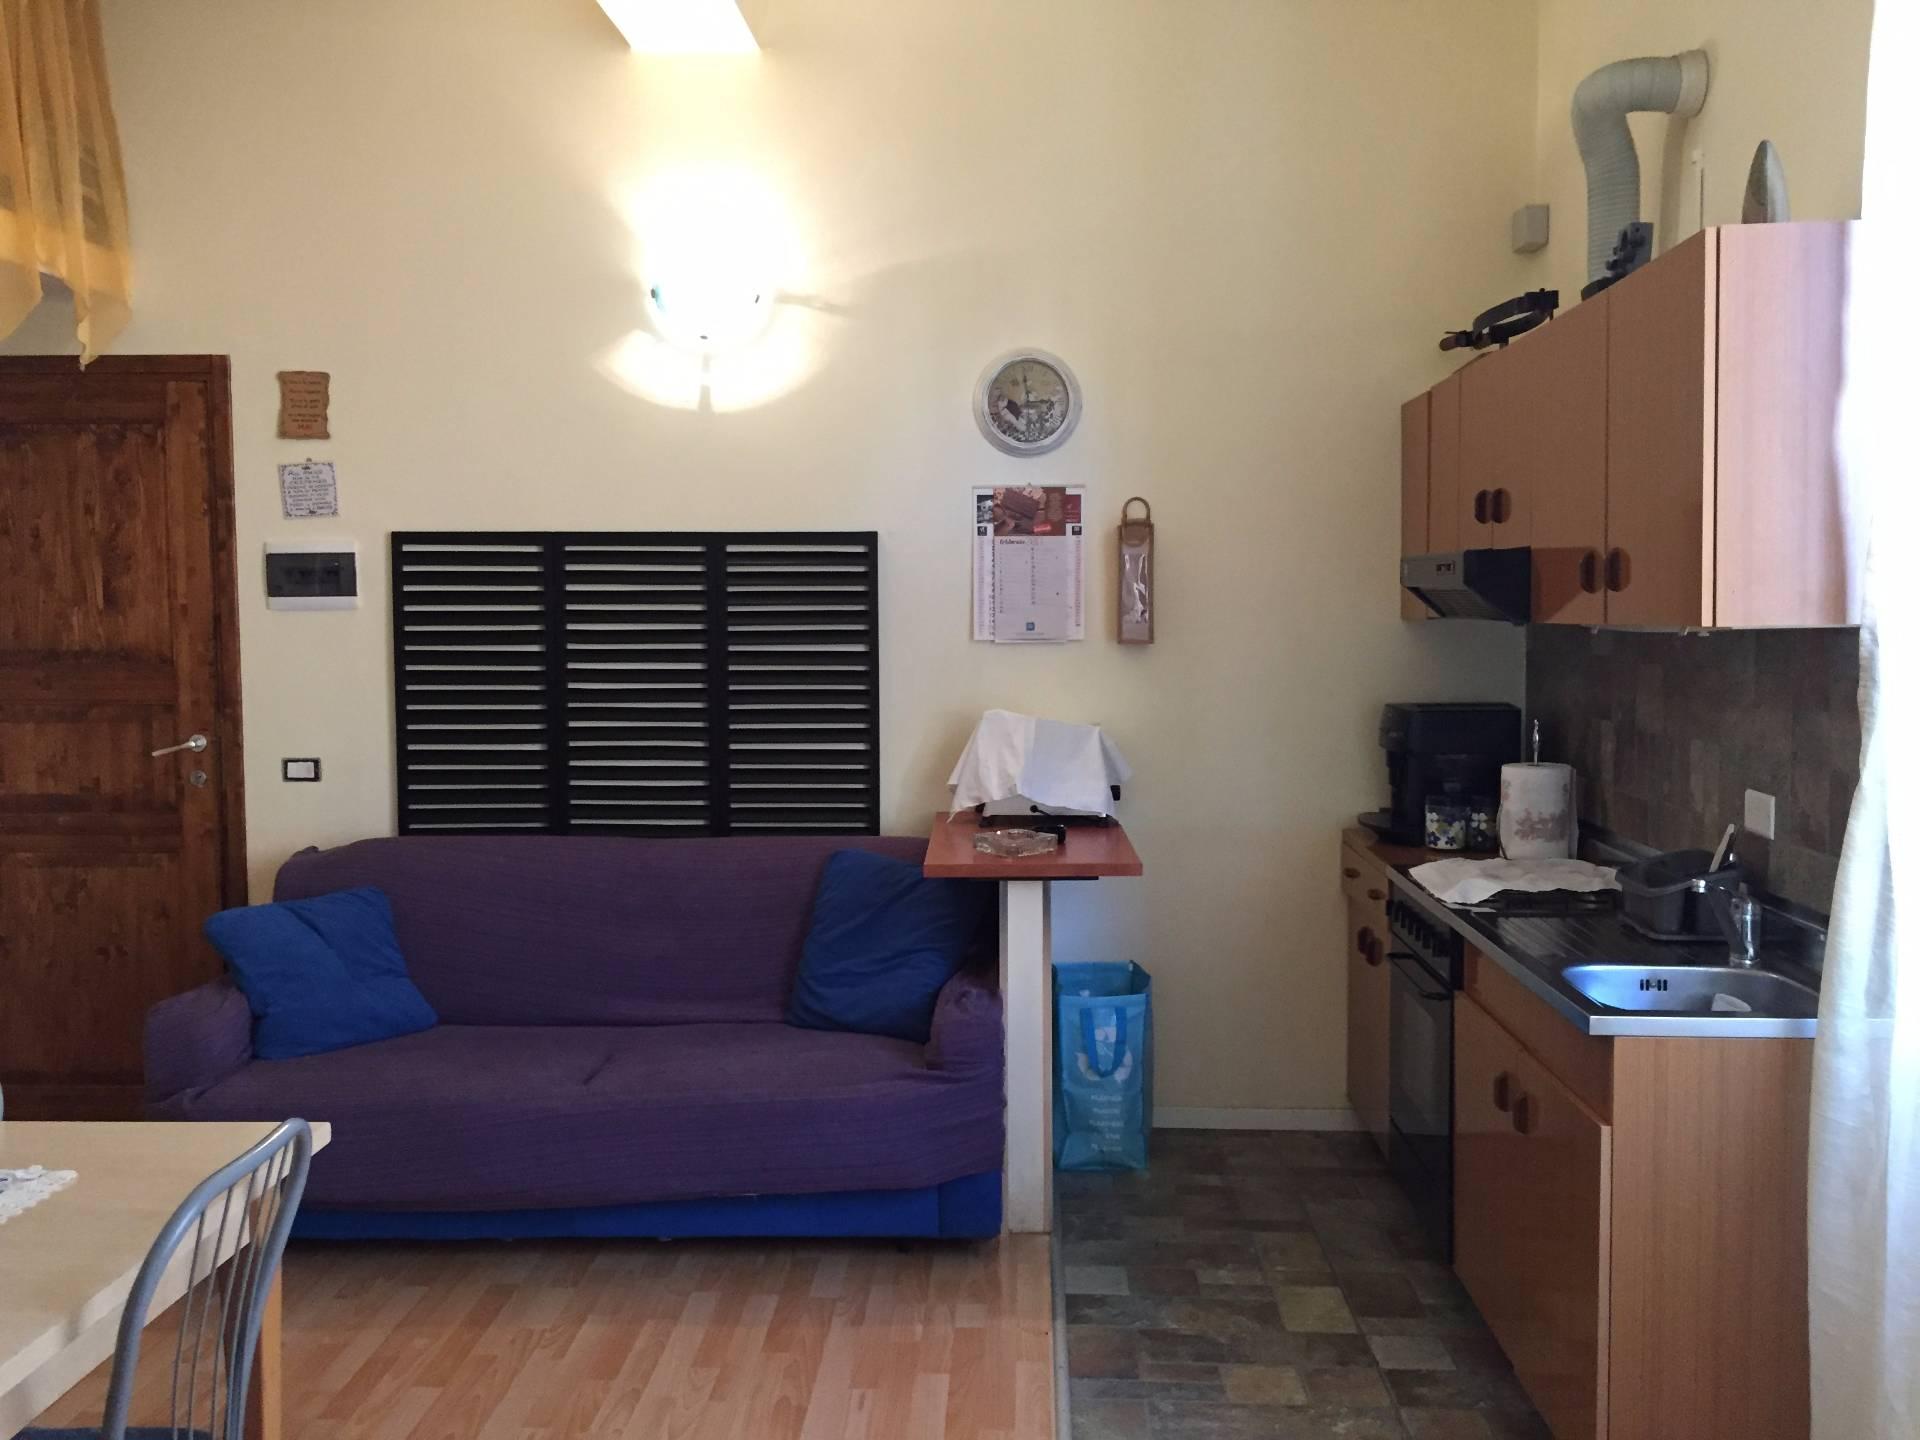 Appartamento in vendita a Caslino d'Erba, 3 locali, prezzo € 65.000 | Cambio Casa.it